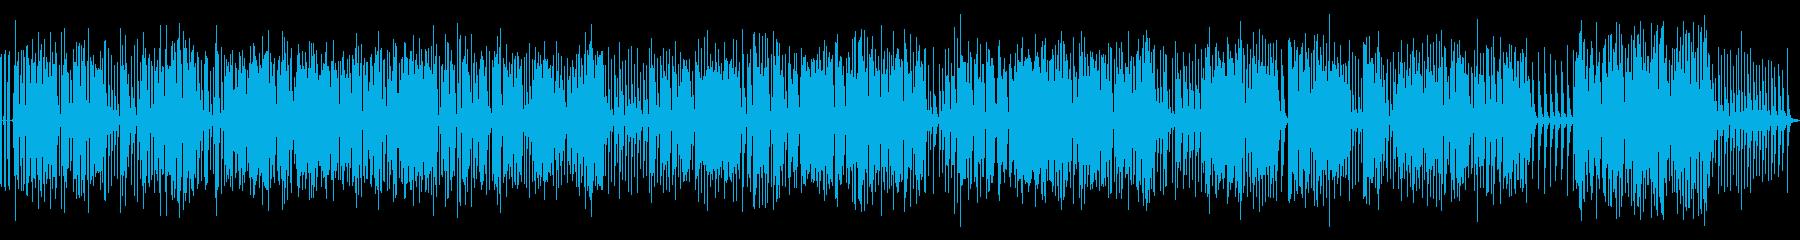 長尺オルゴール楽曲02-1(駆動音あり)の再生済みの波形